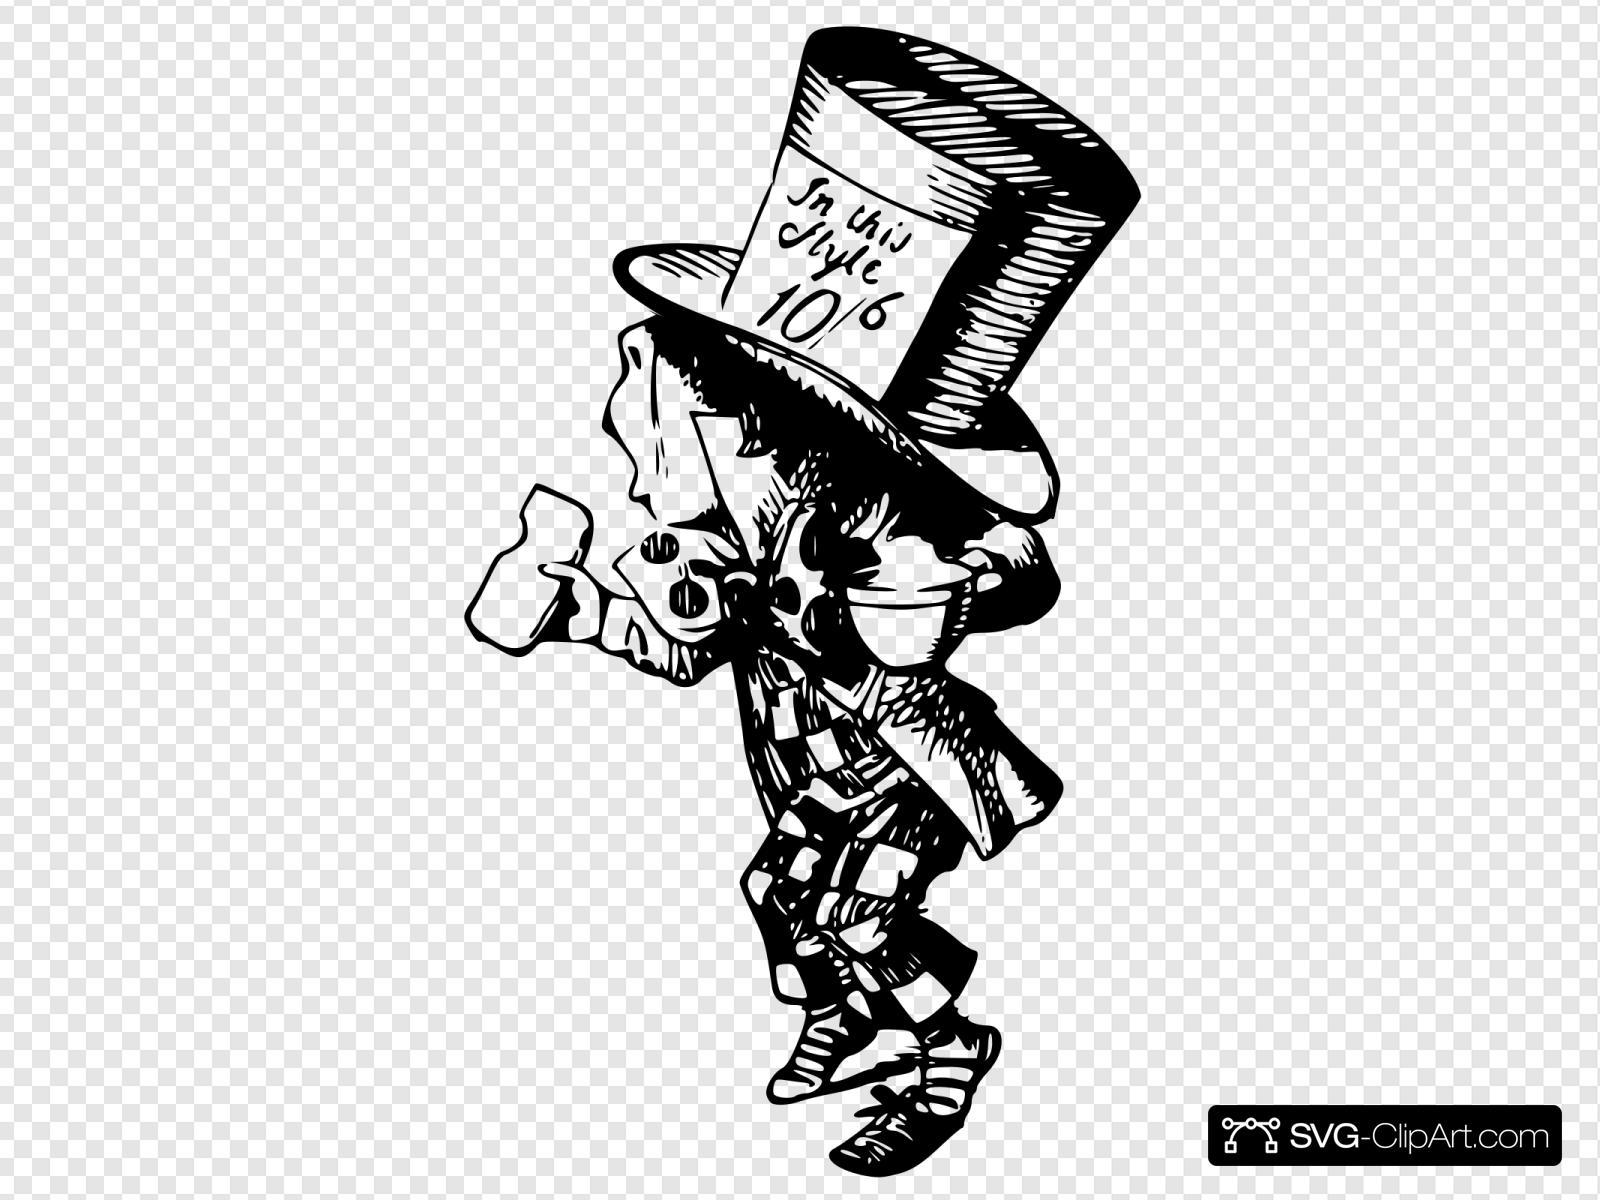 Mad Hatter 5 Svg Vector Mad Hatter 5 Clip Art Svg Clipart